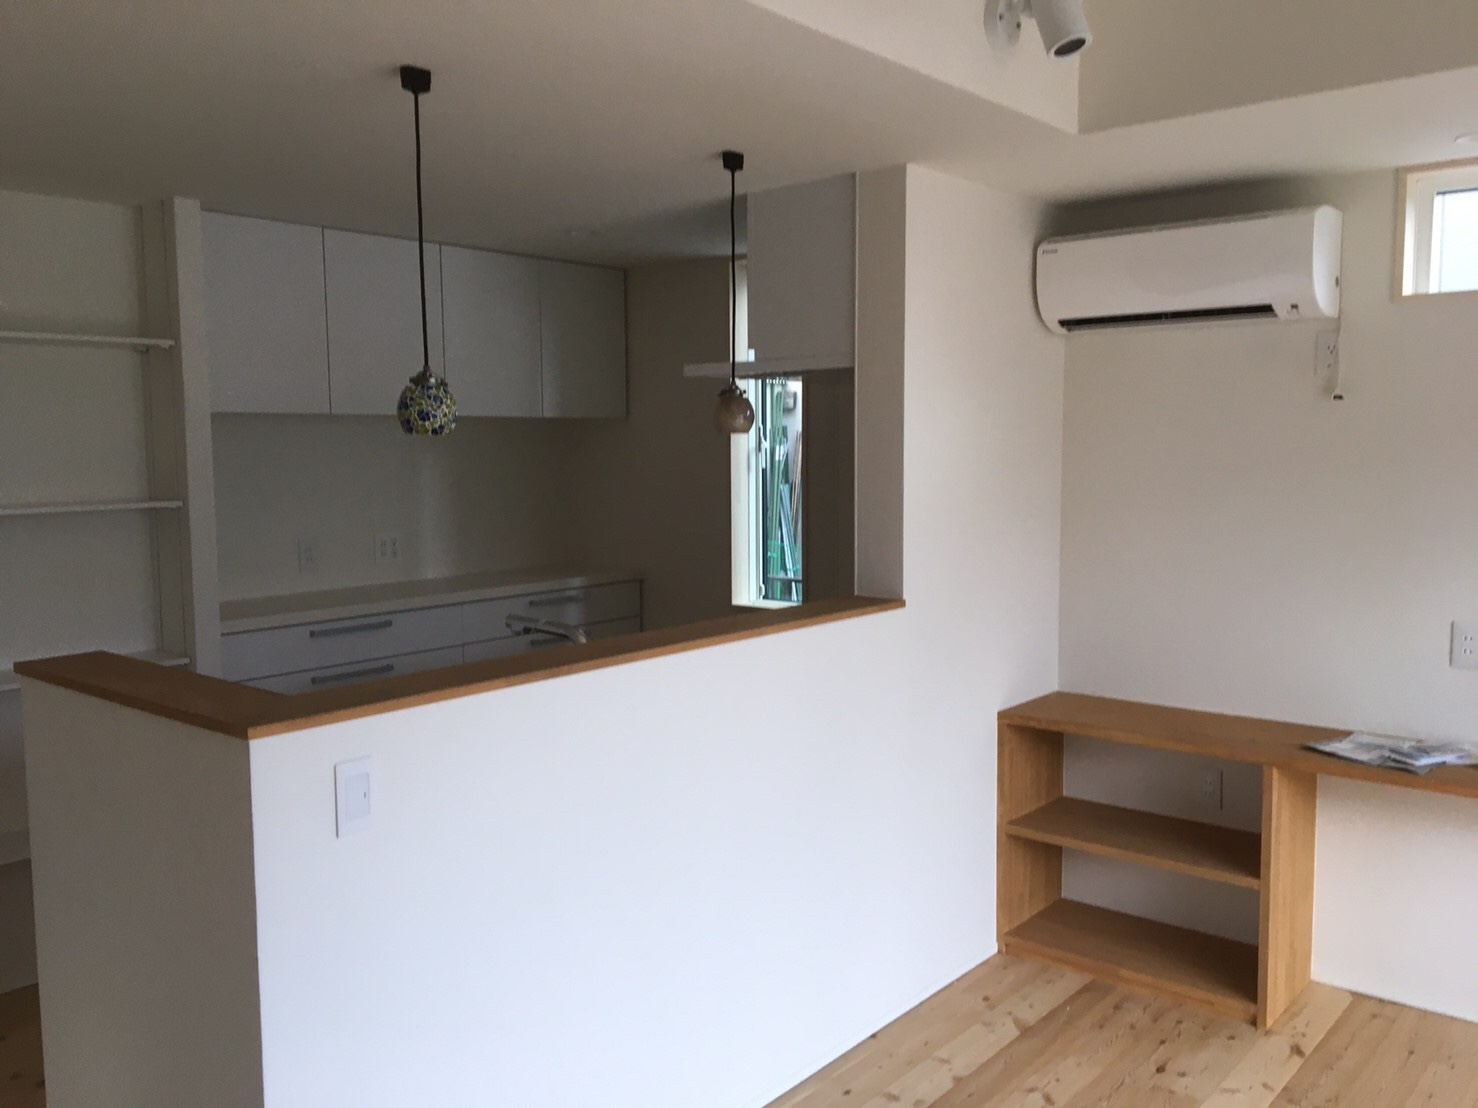 新築住宅キッチン|八戸市